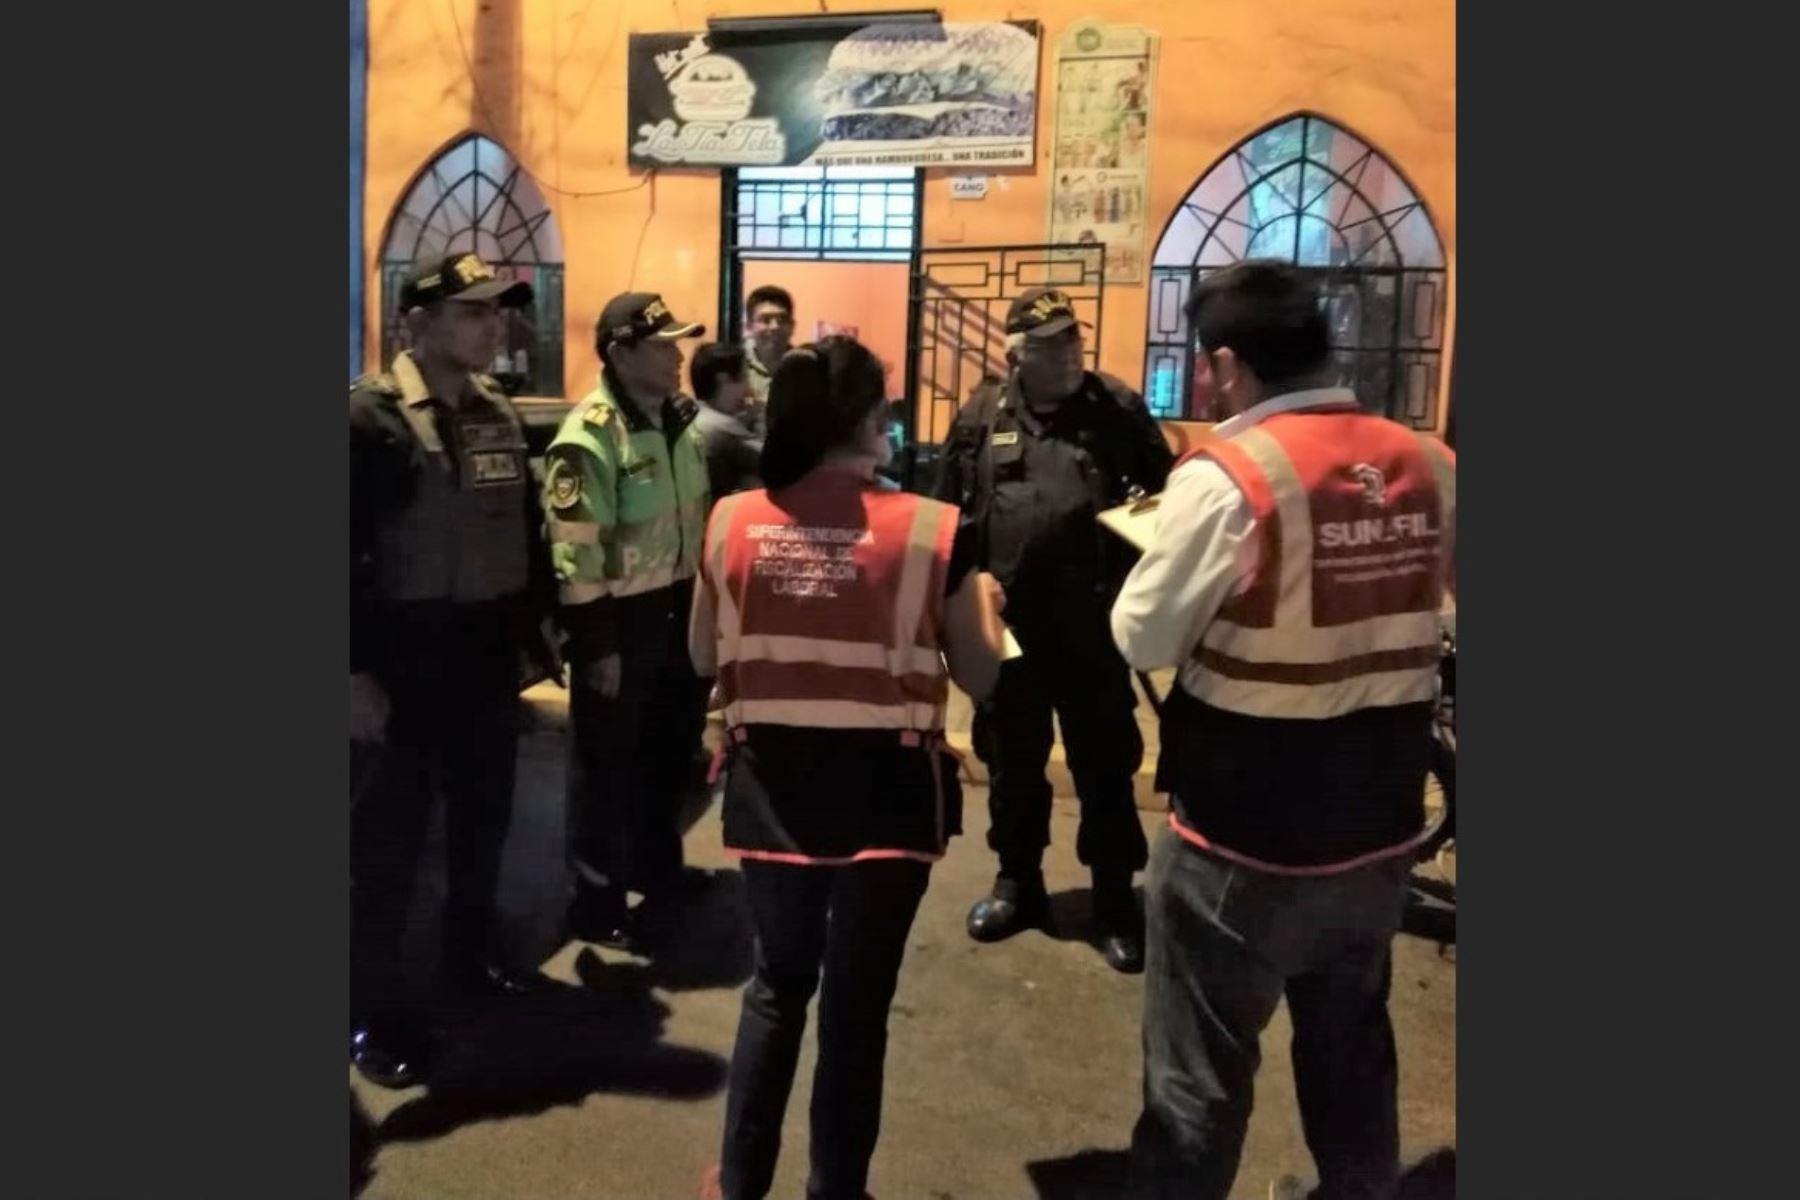 Inspectores de Sunafil investigan situación laboral de trabajadores extranjeros en Huacho.